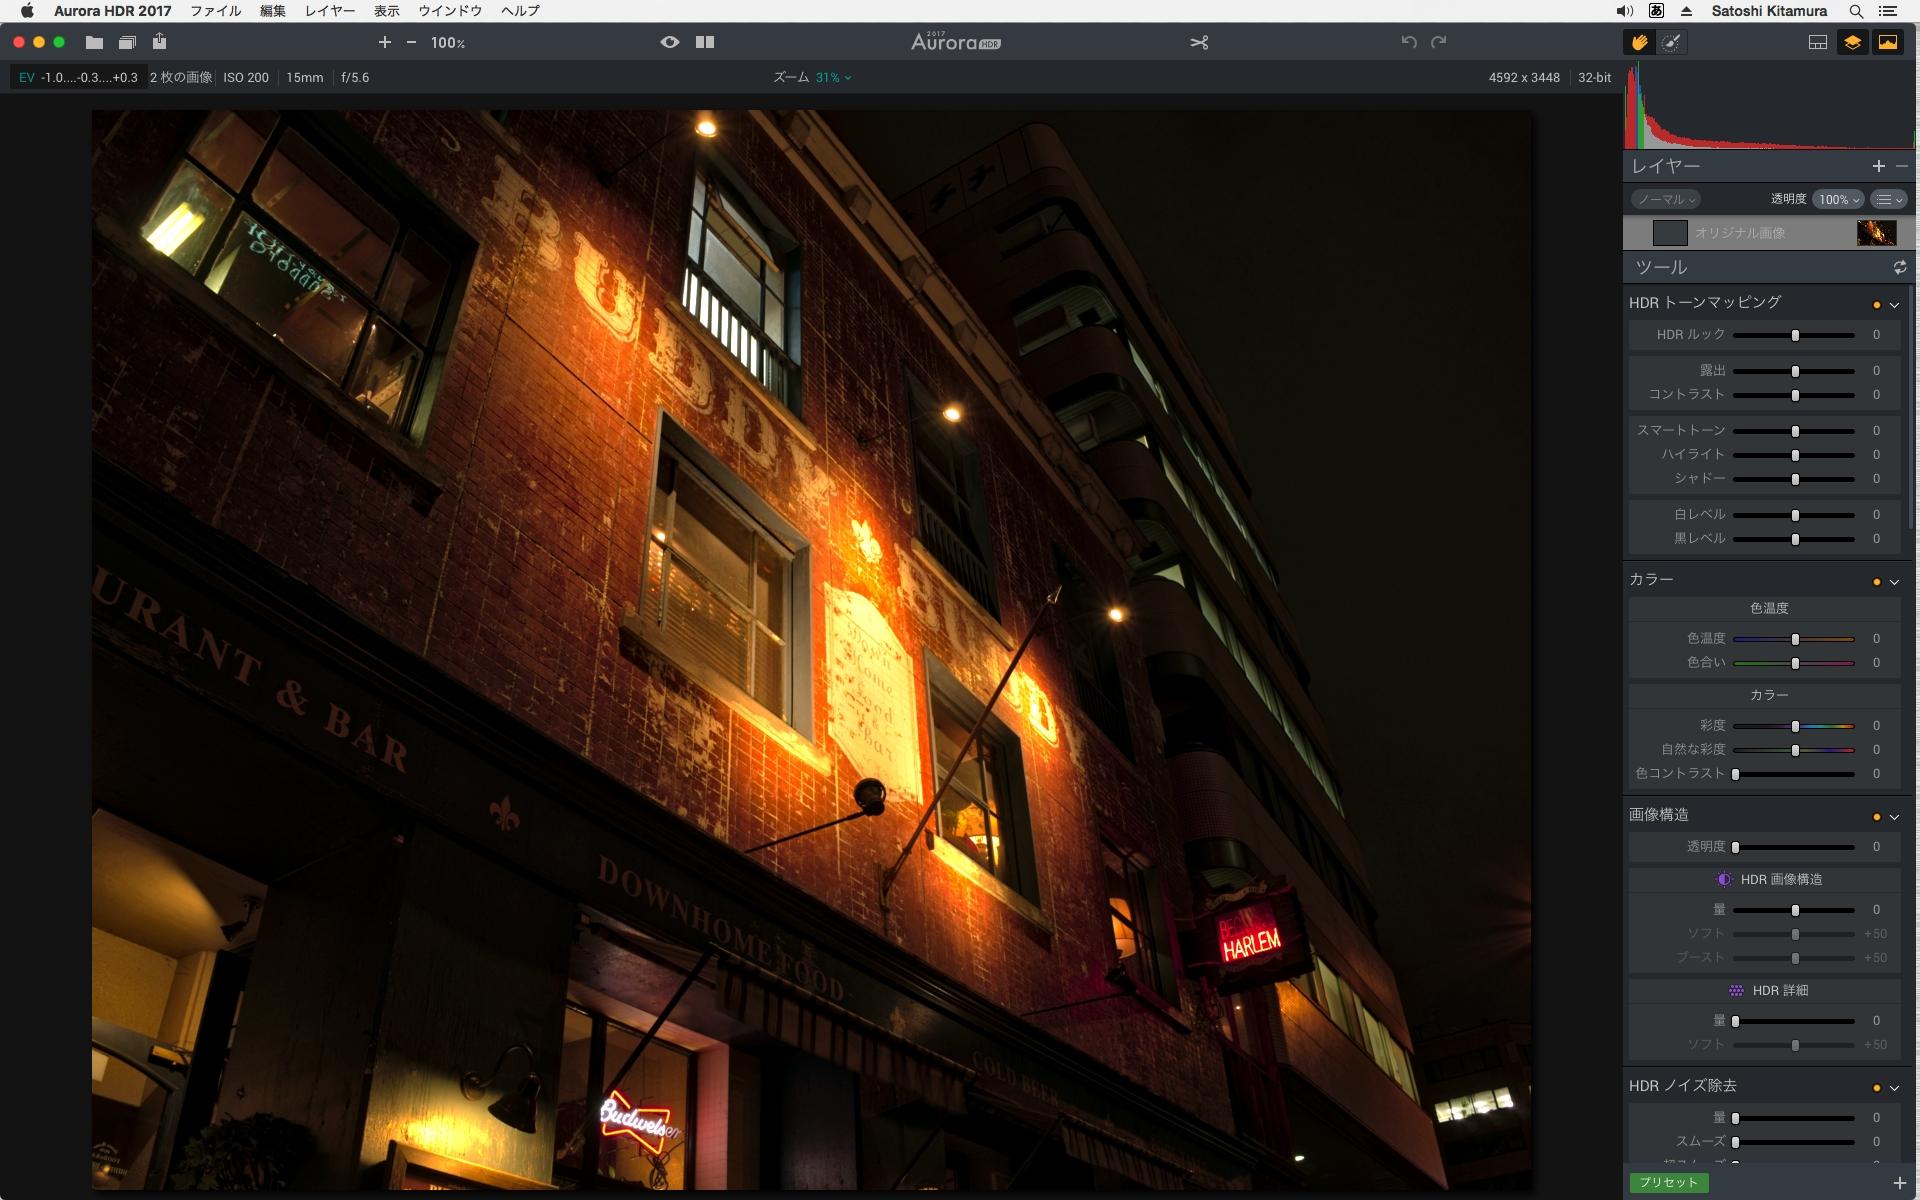 2枚の画像をHDR合成した状態。歪曲収差の自動補正はないので、画面に写る範囲が元画像とは異なっている(マイクロフォーサーズやソニーの一部レンズで歪曲収差が残った状態となる)